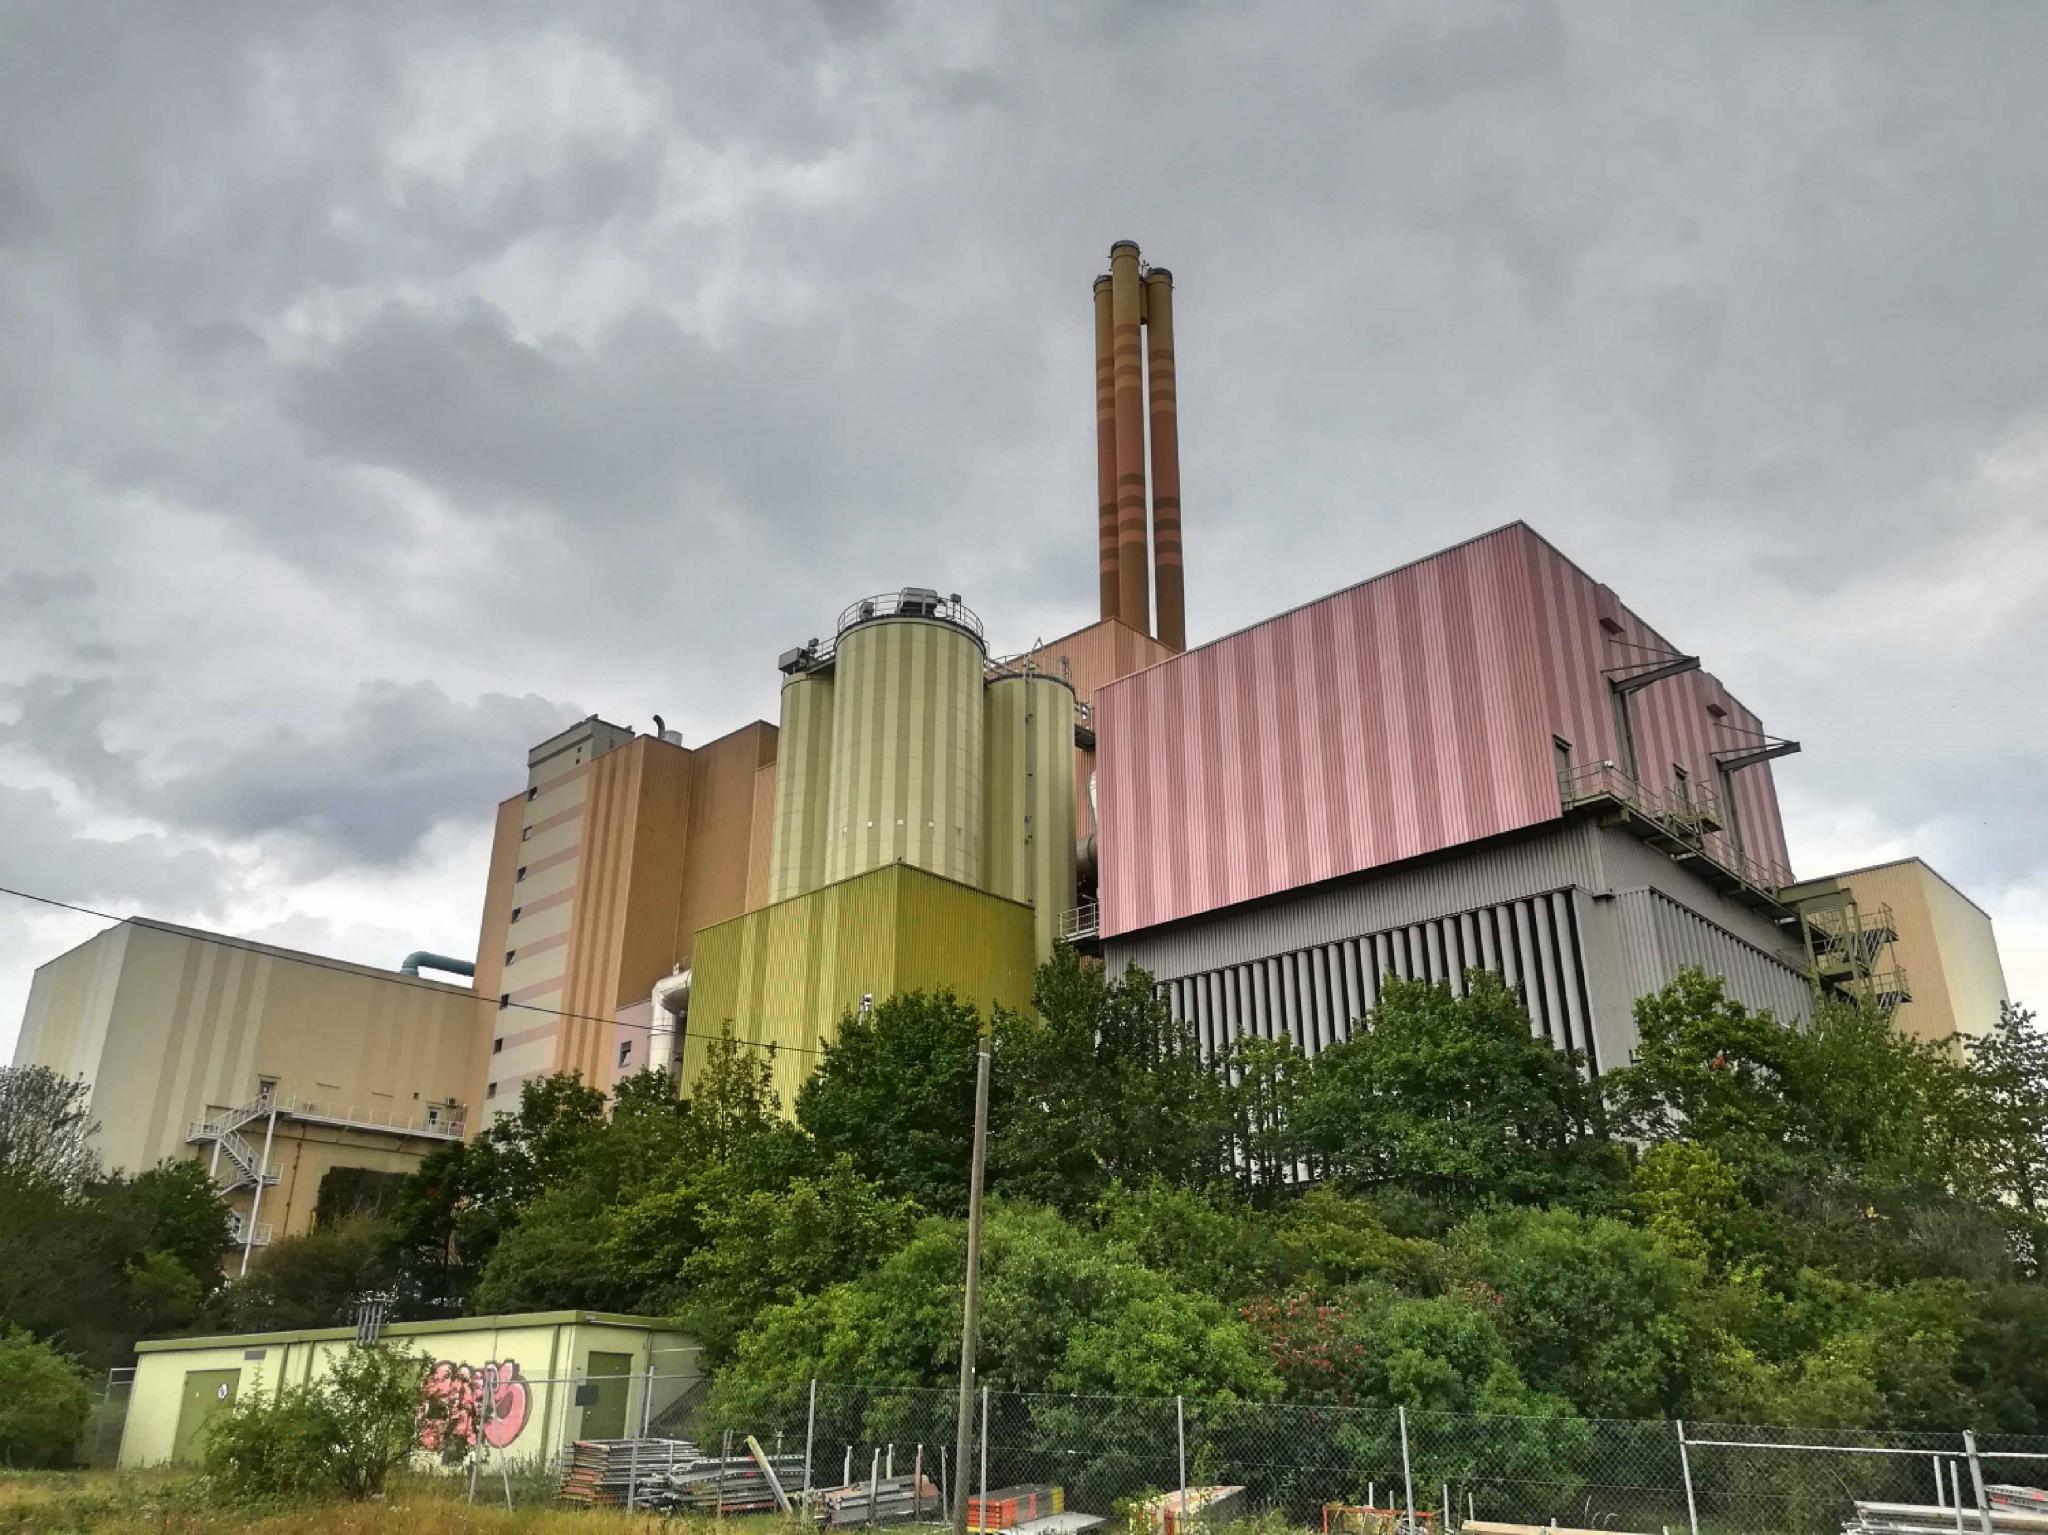 Das Müllheizkraftwerk in der Gattingerstraße. Foto: Jessica Hänse